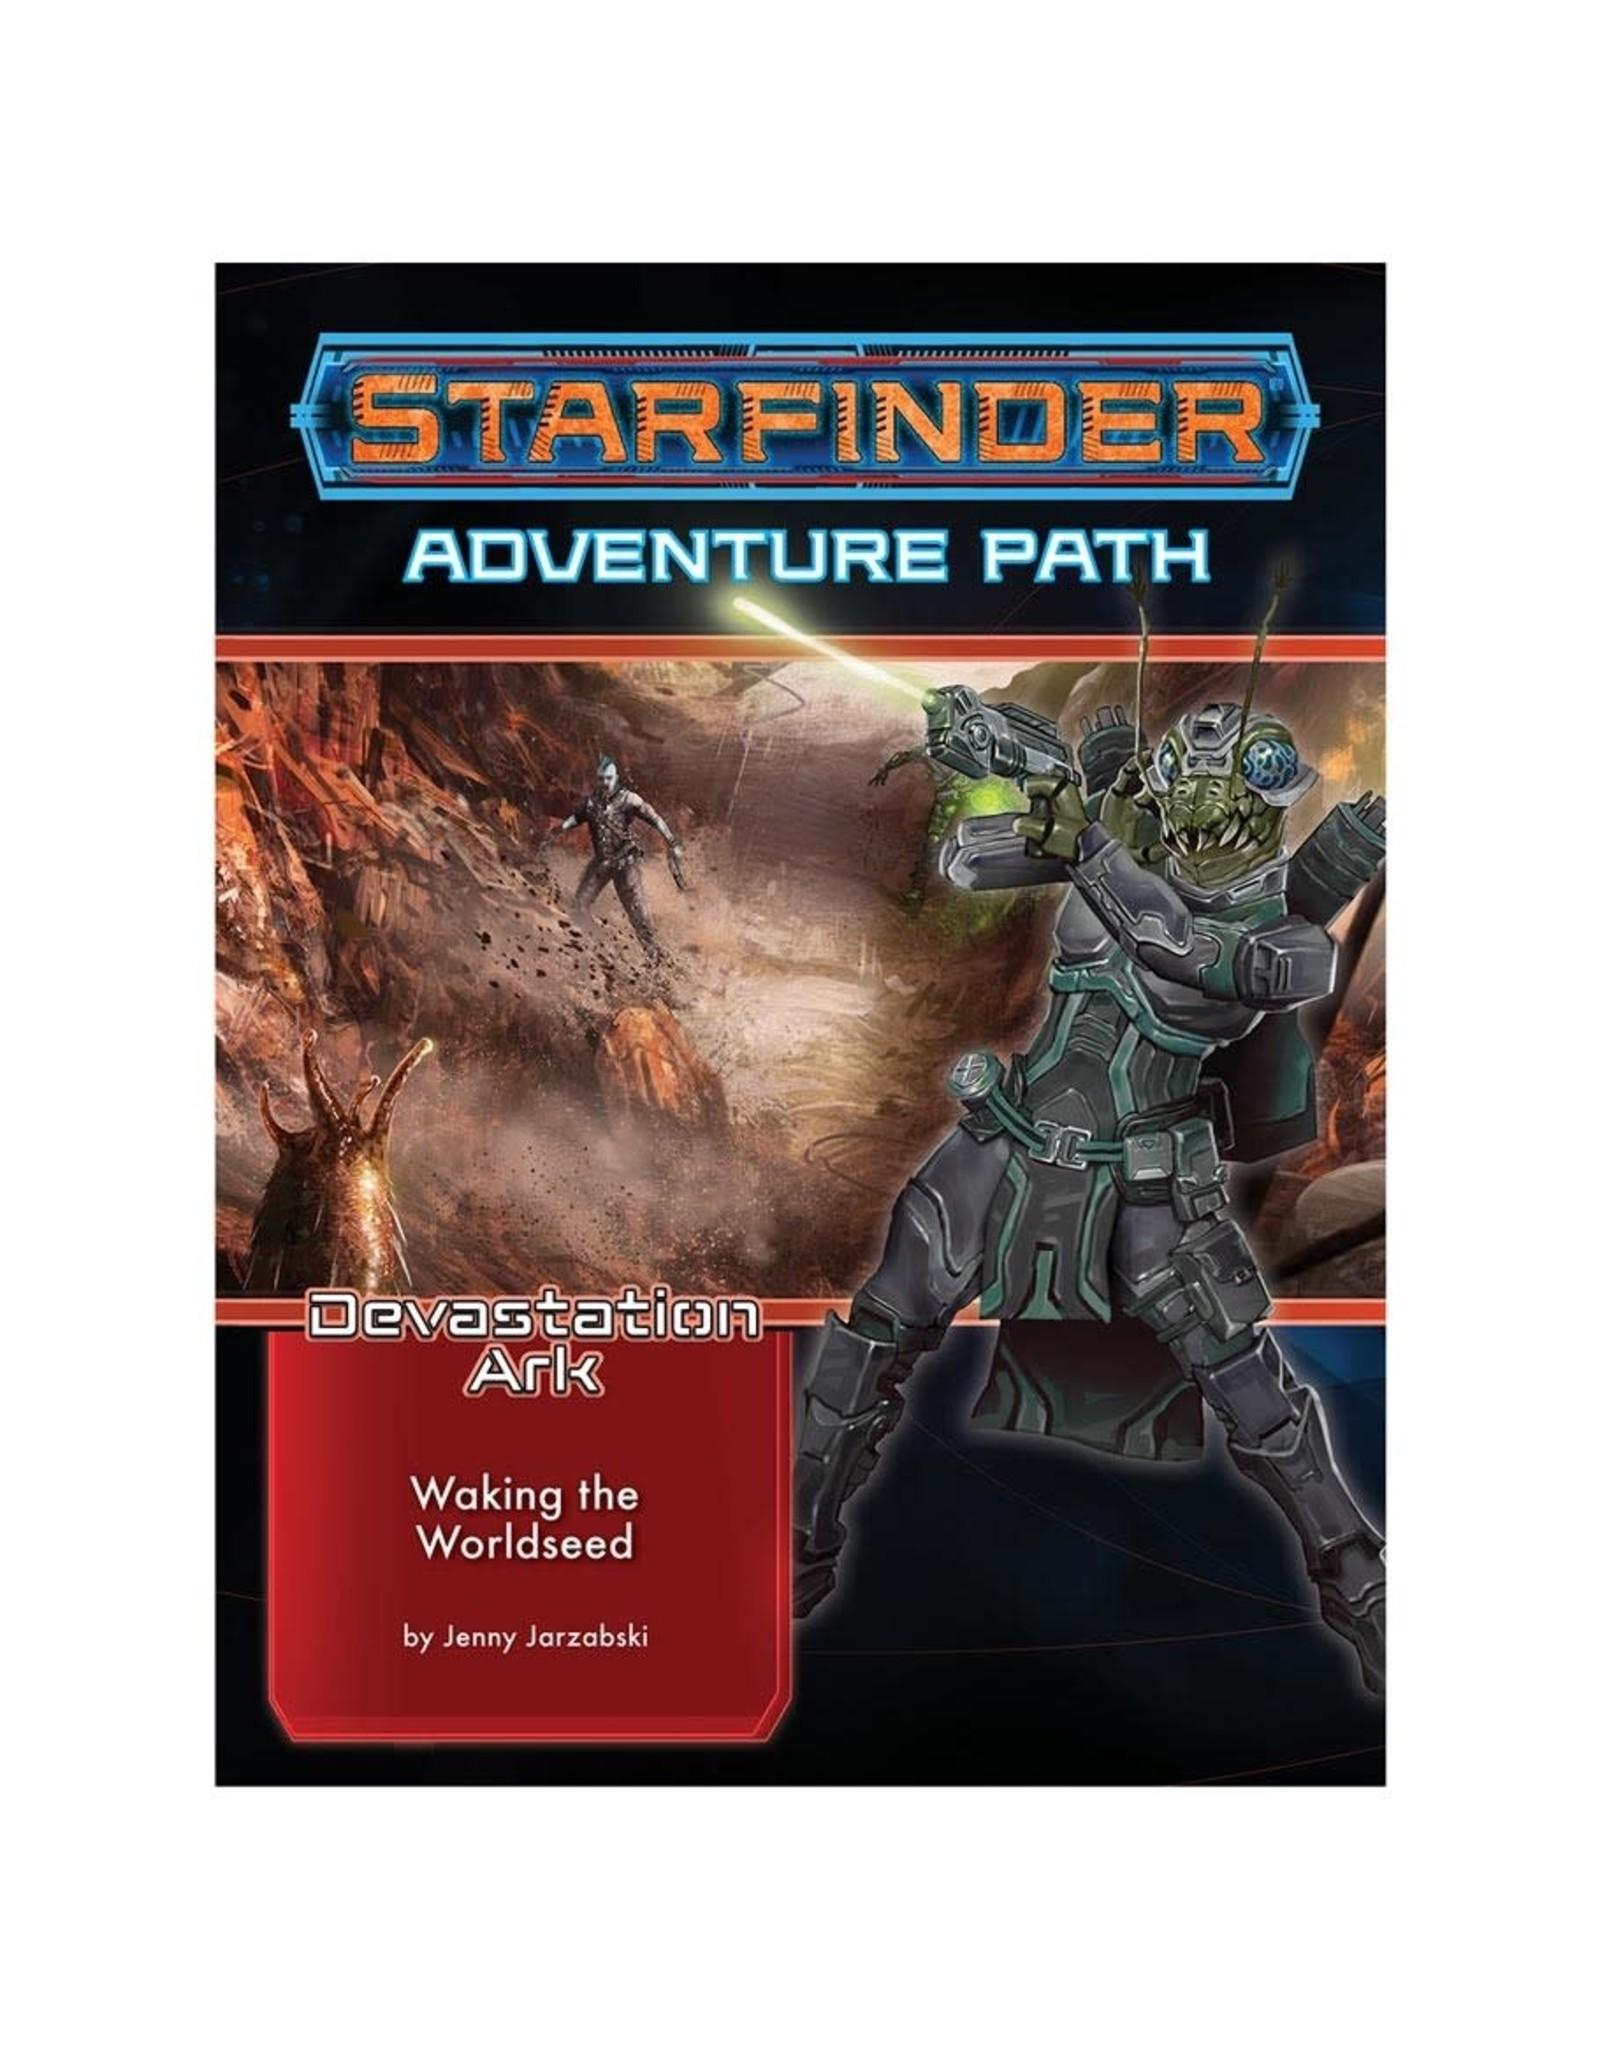 Paizo Starfinder Adventure Path: Devastation Ark 1 - Waking the Worldseed